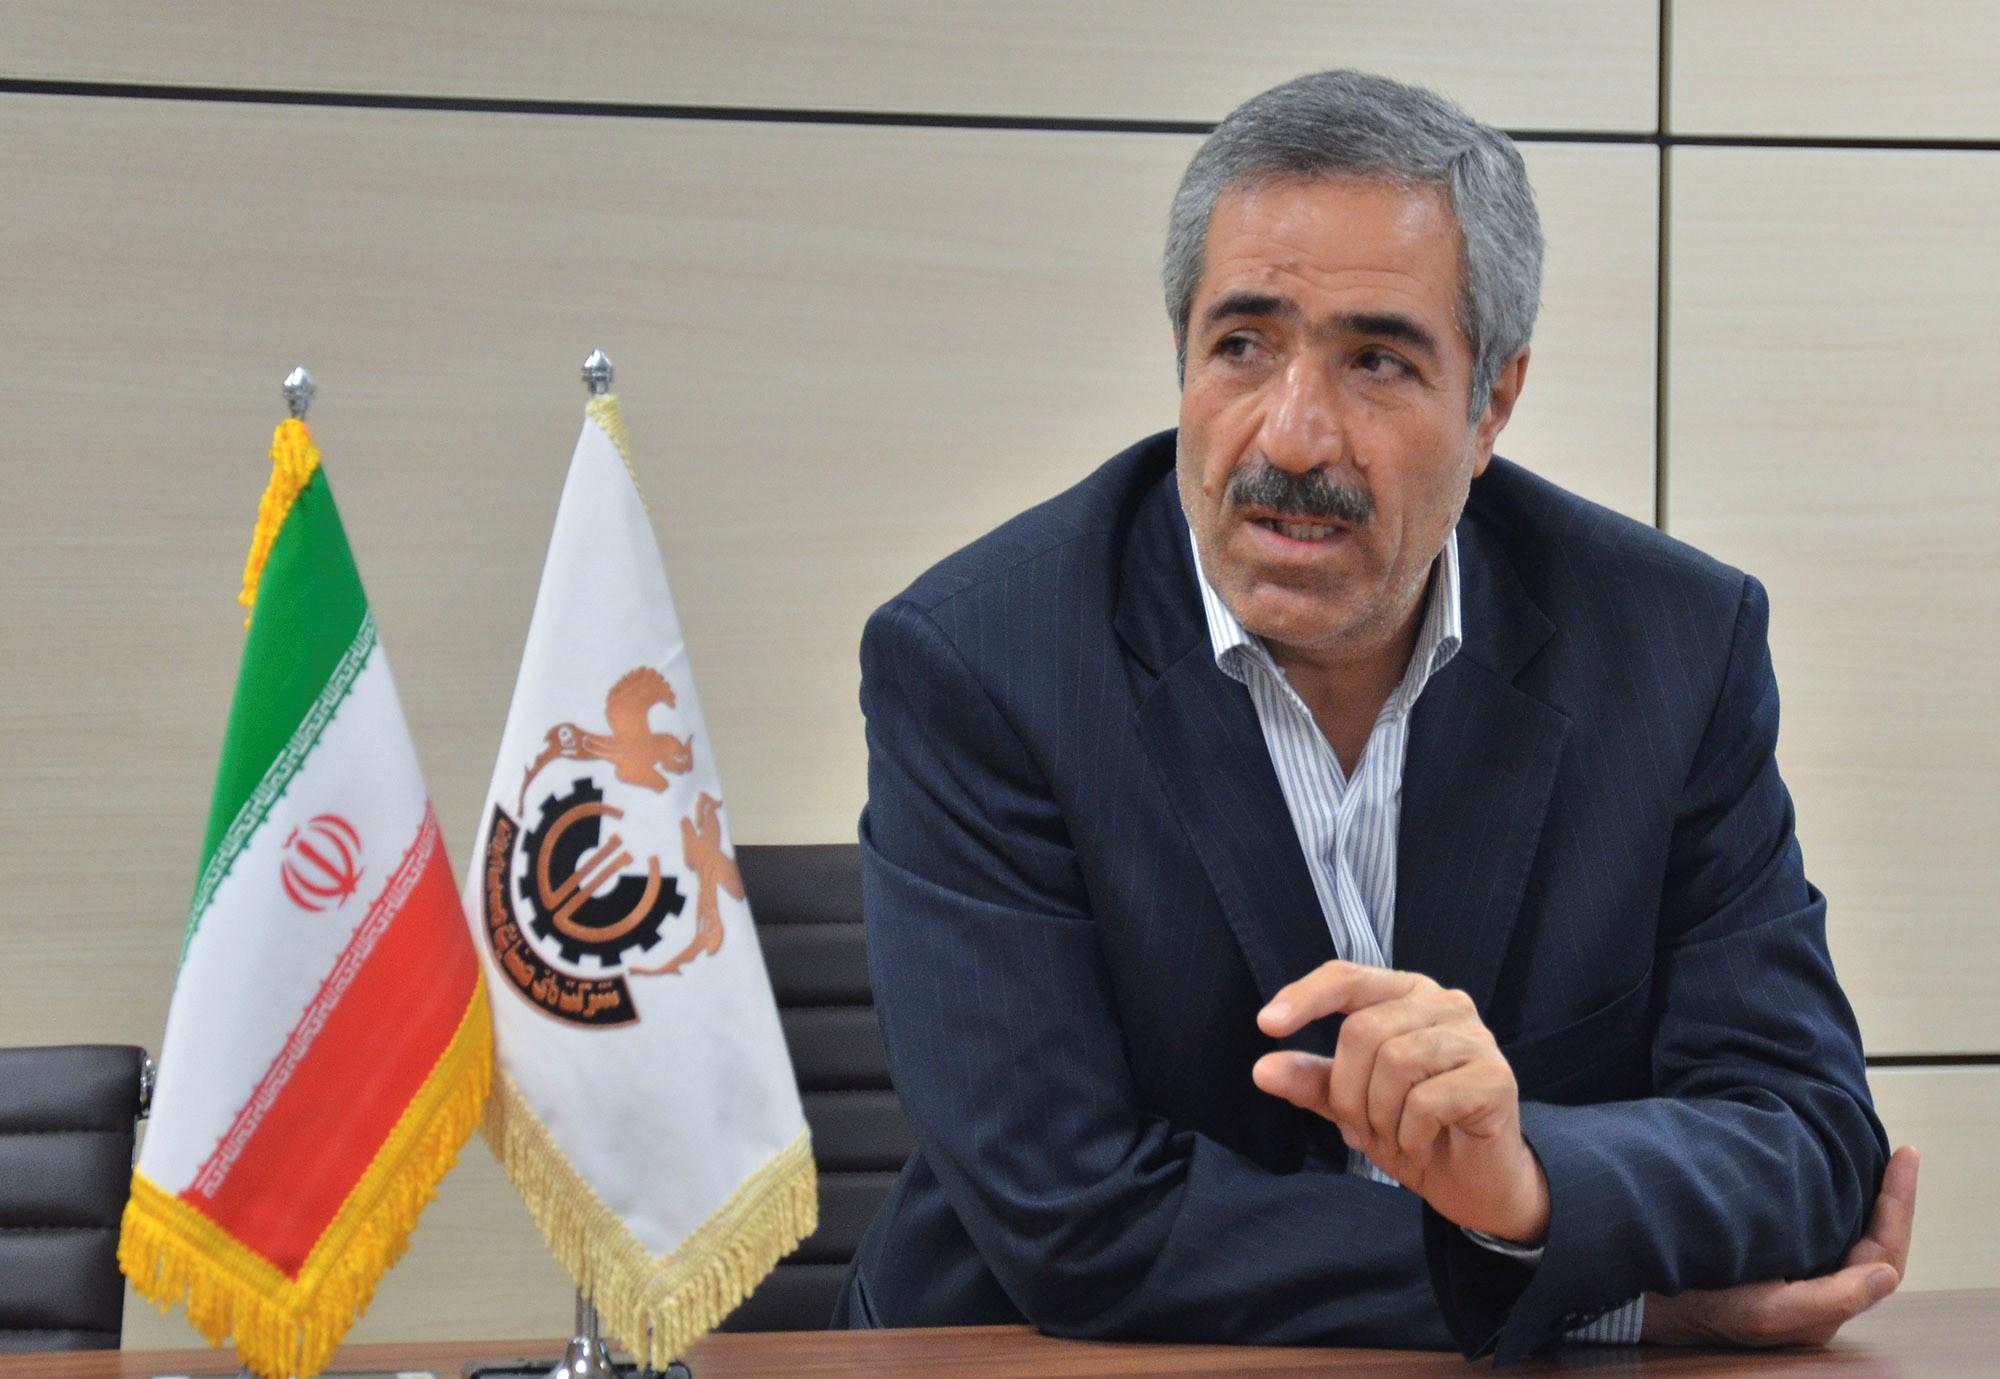 شرکت مس علاقهمند است معین اقتصادی ورزقان، اهر و هریس باشد/ هدف ما برنامهریزی منطقهای مشارکتمحور برای توسعه آذربایجان شرقی است